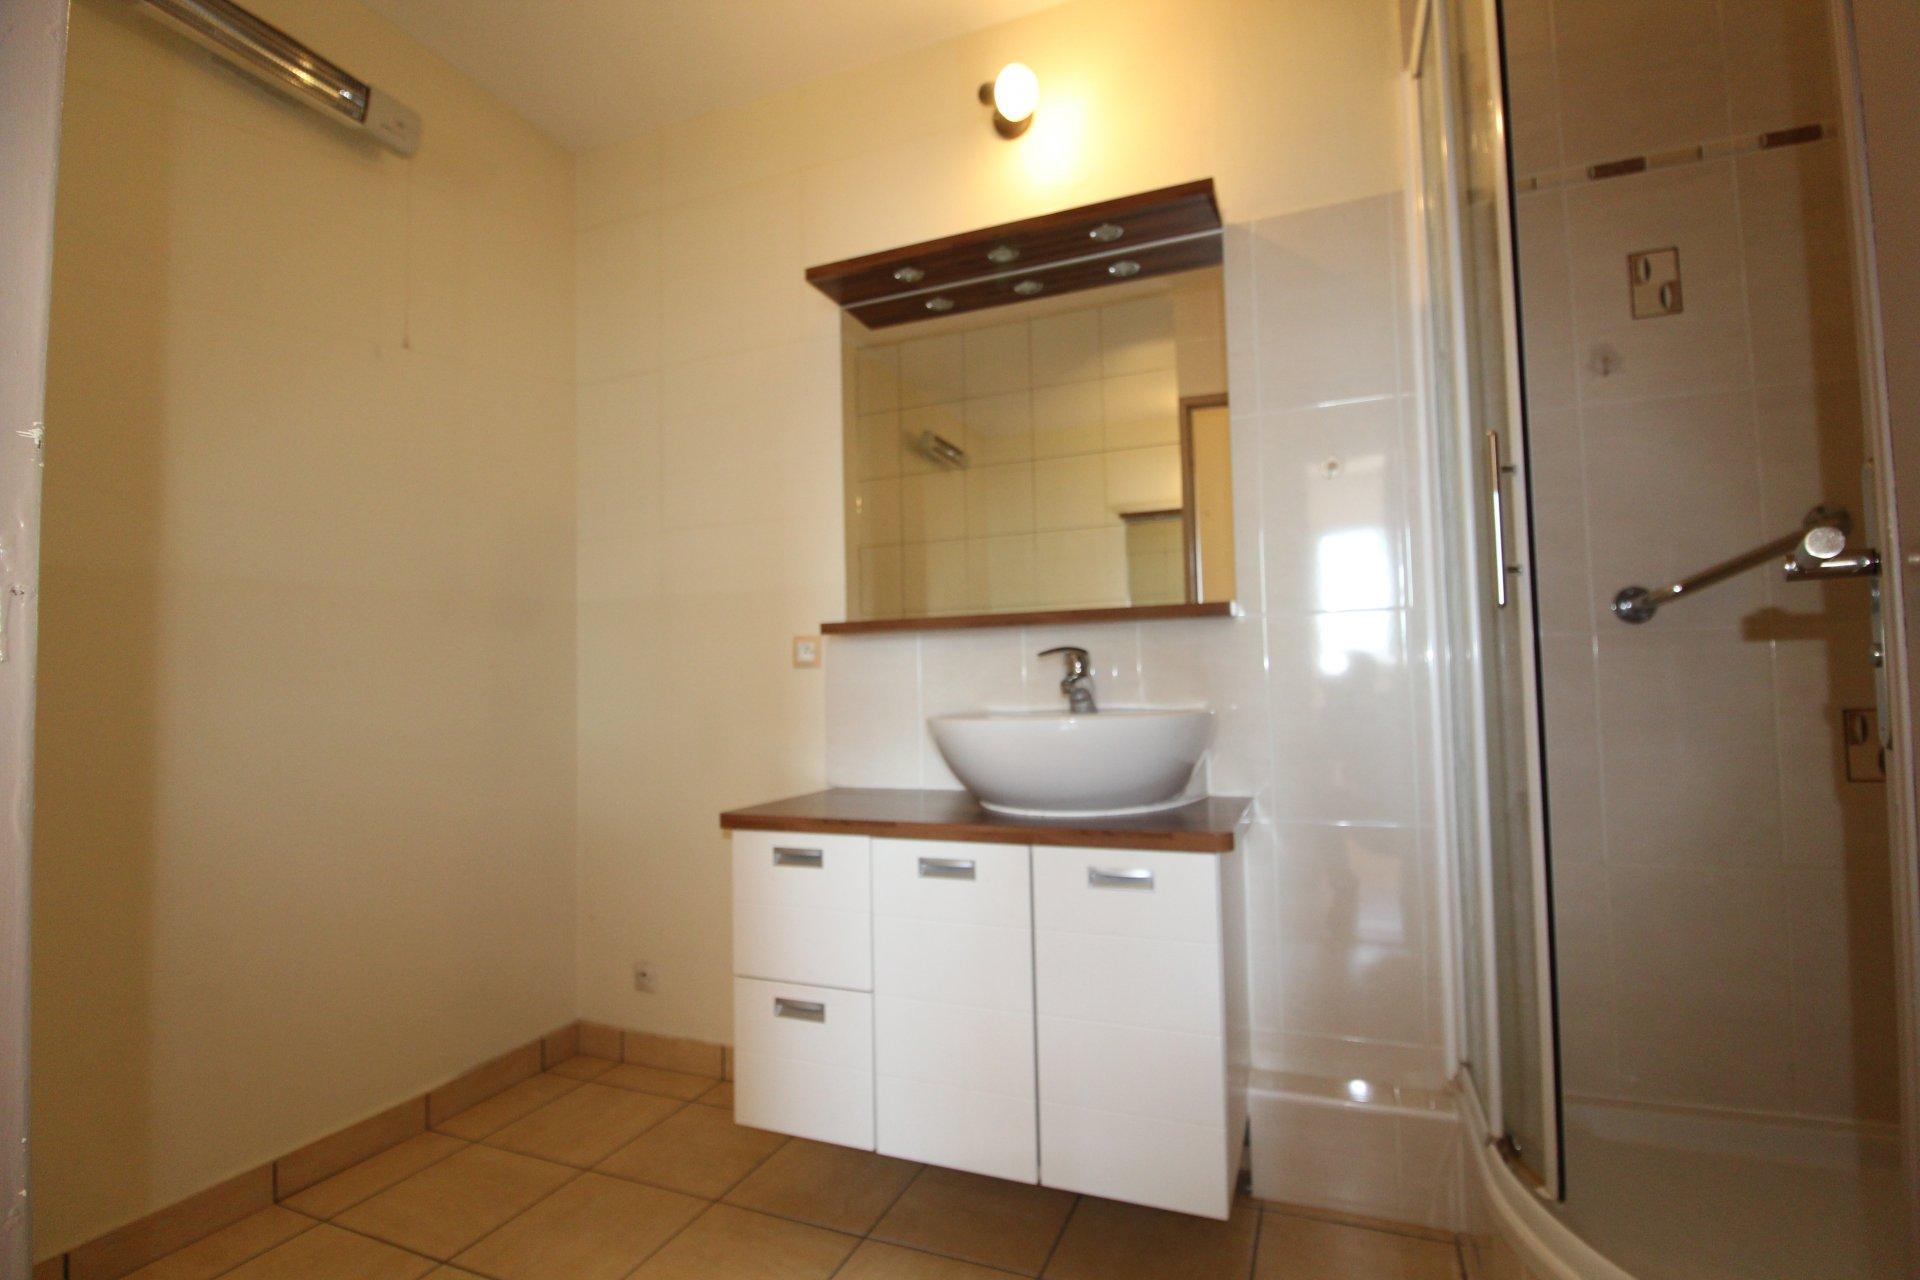 Appartement Saint-Etienne / Bergson 4 pièces 86m2 avec garage et balcon